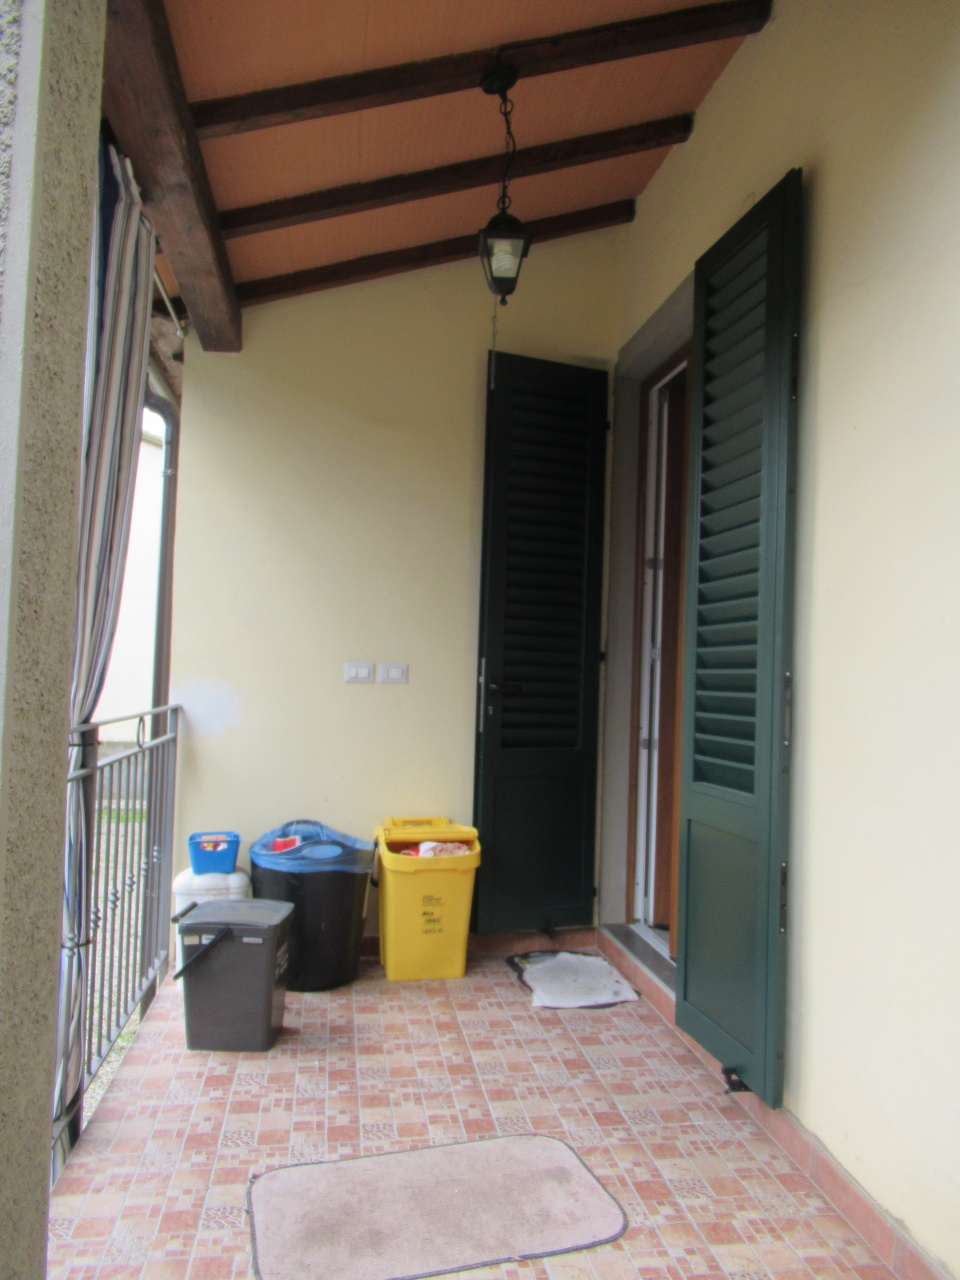 Appartamento ristrutturato in vendita Rif. 11923696